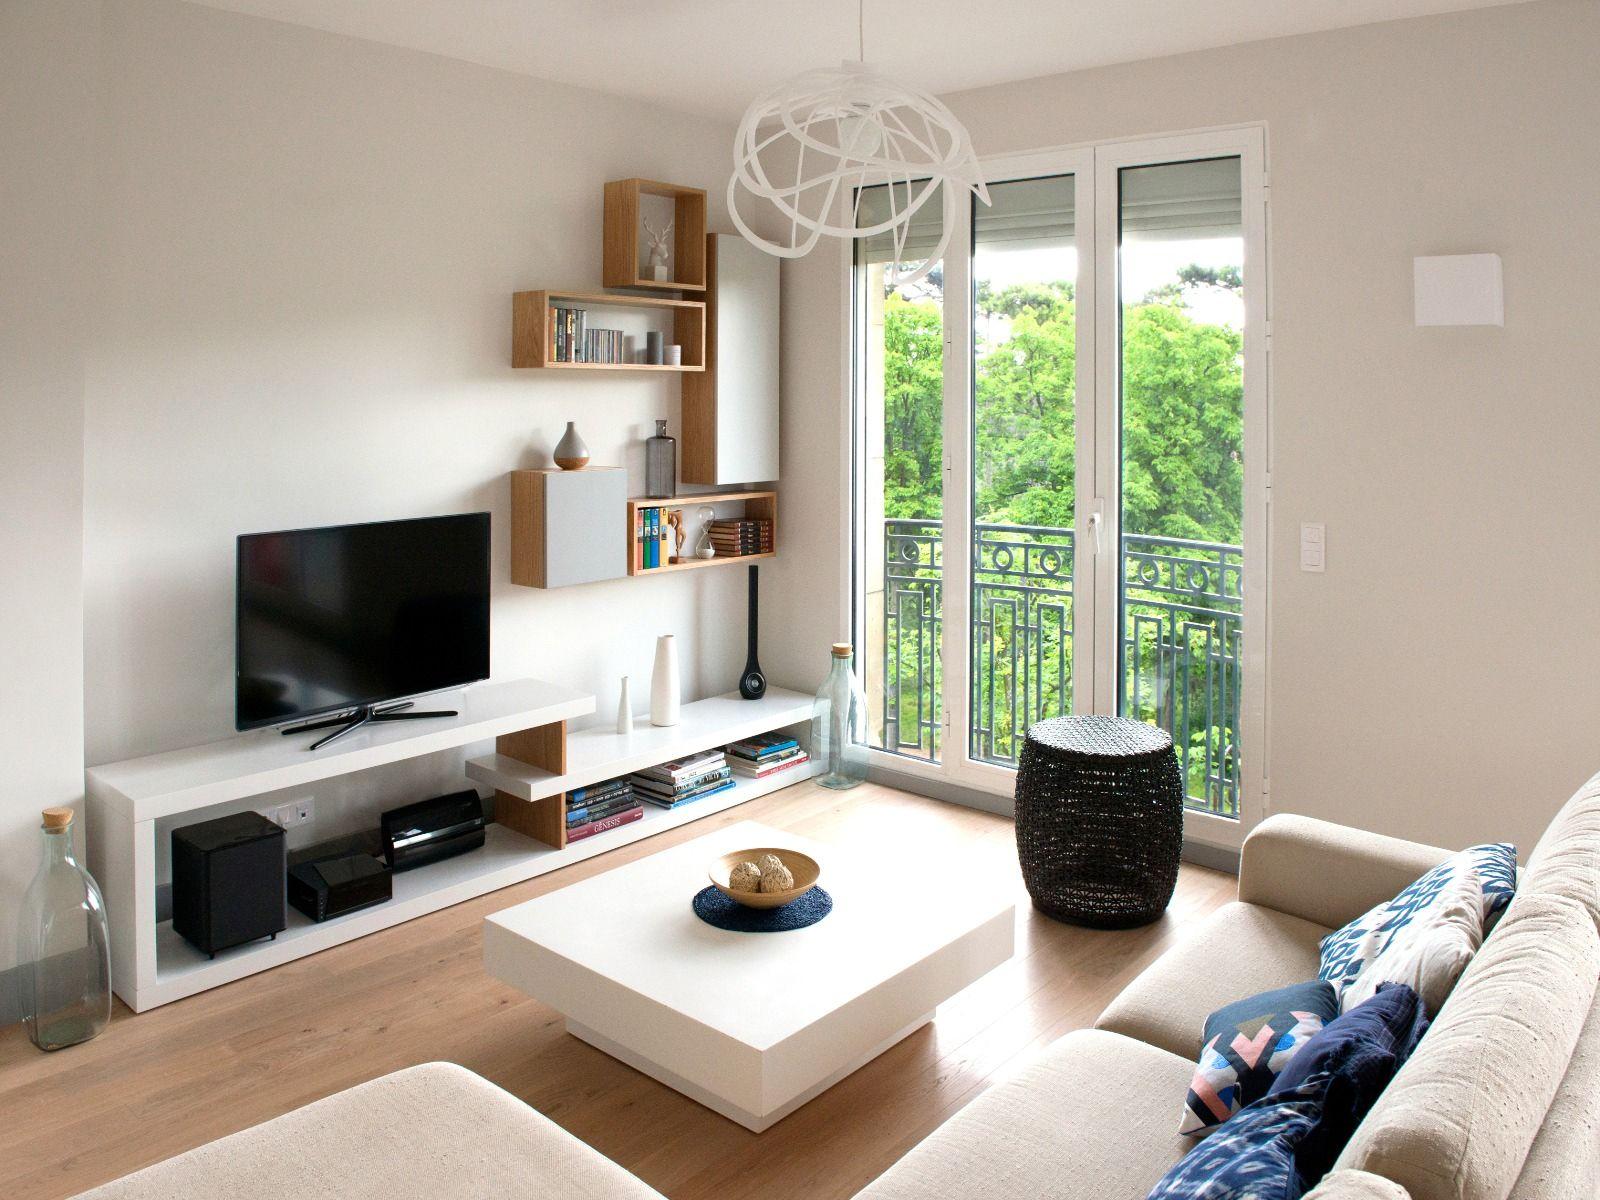 R alisation murs et merveilles salon ambiance scandinave for Salon style scandinave